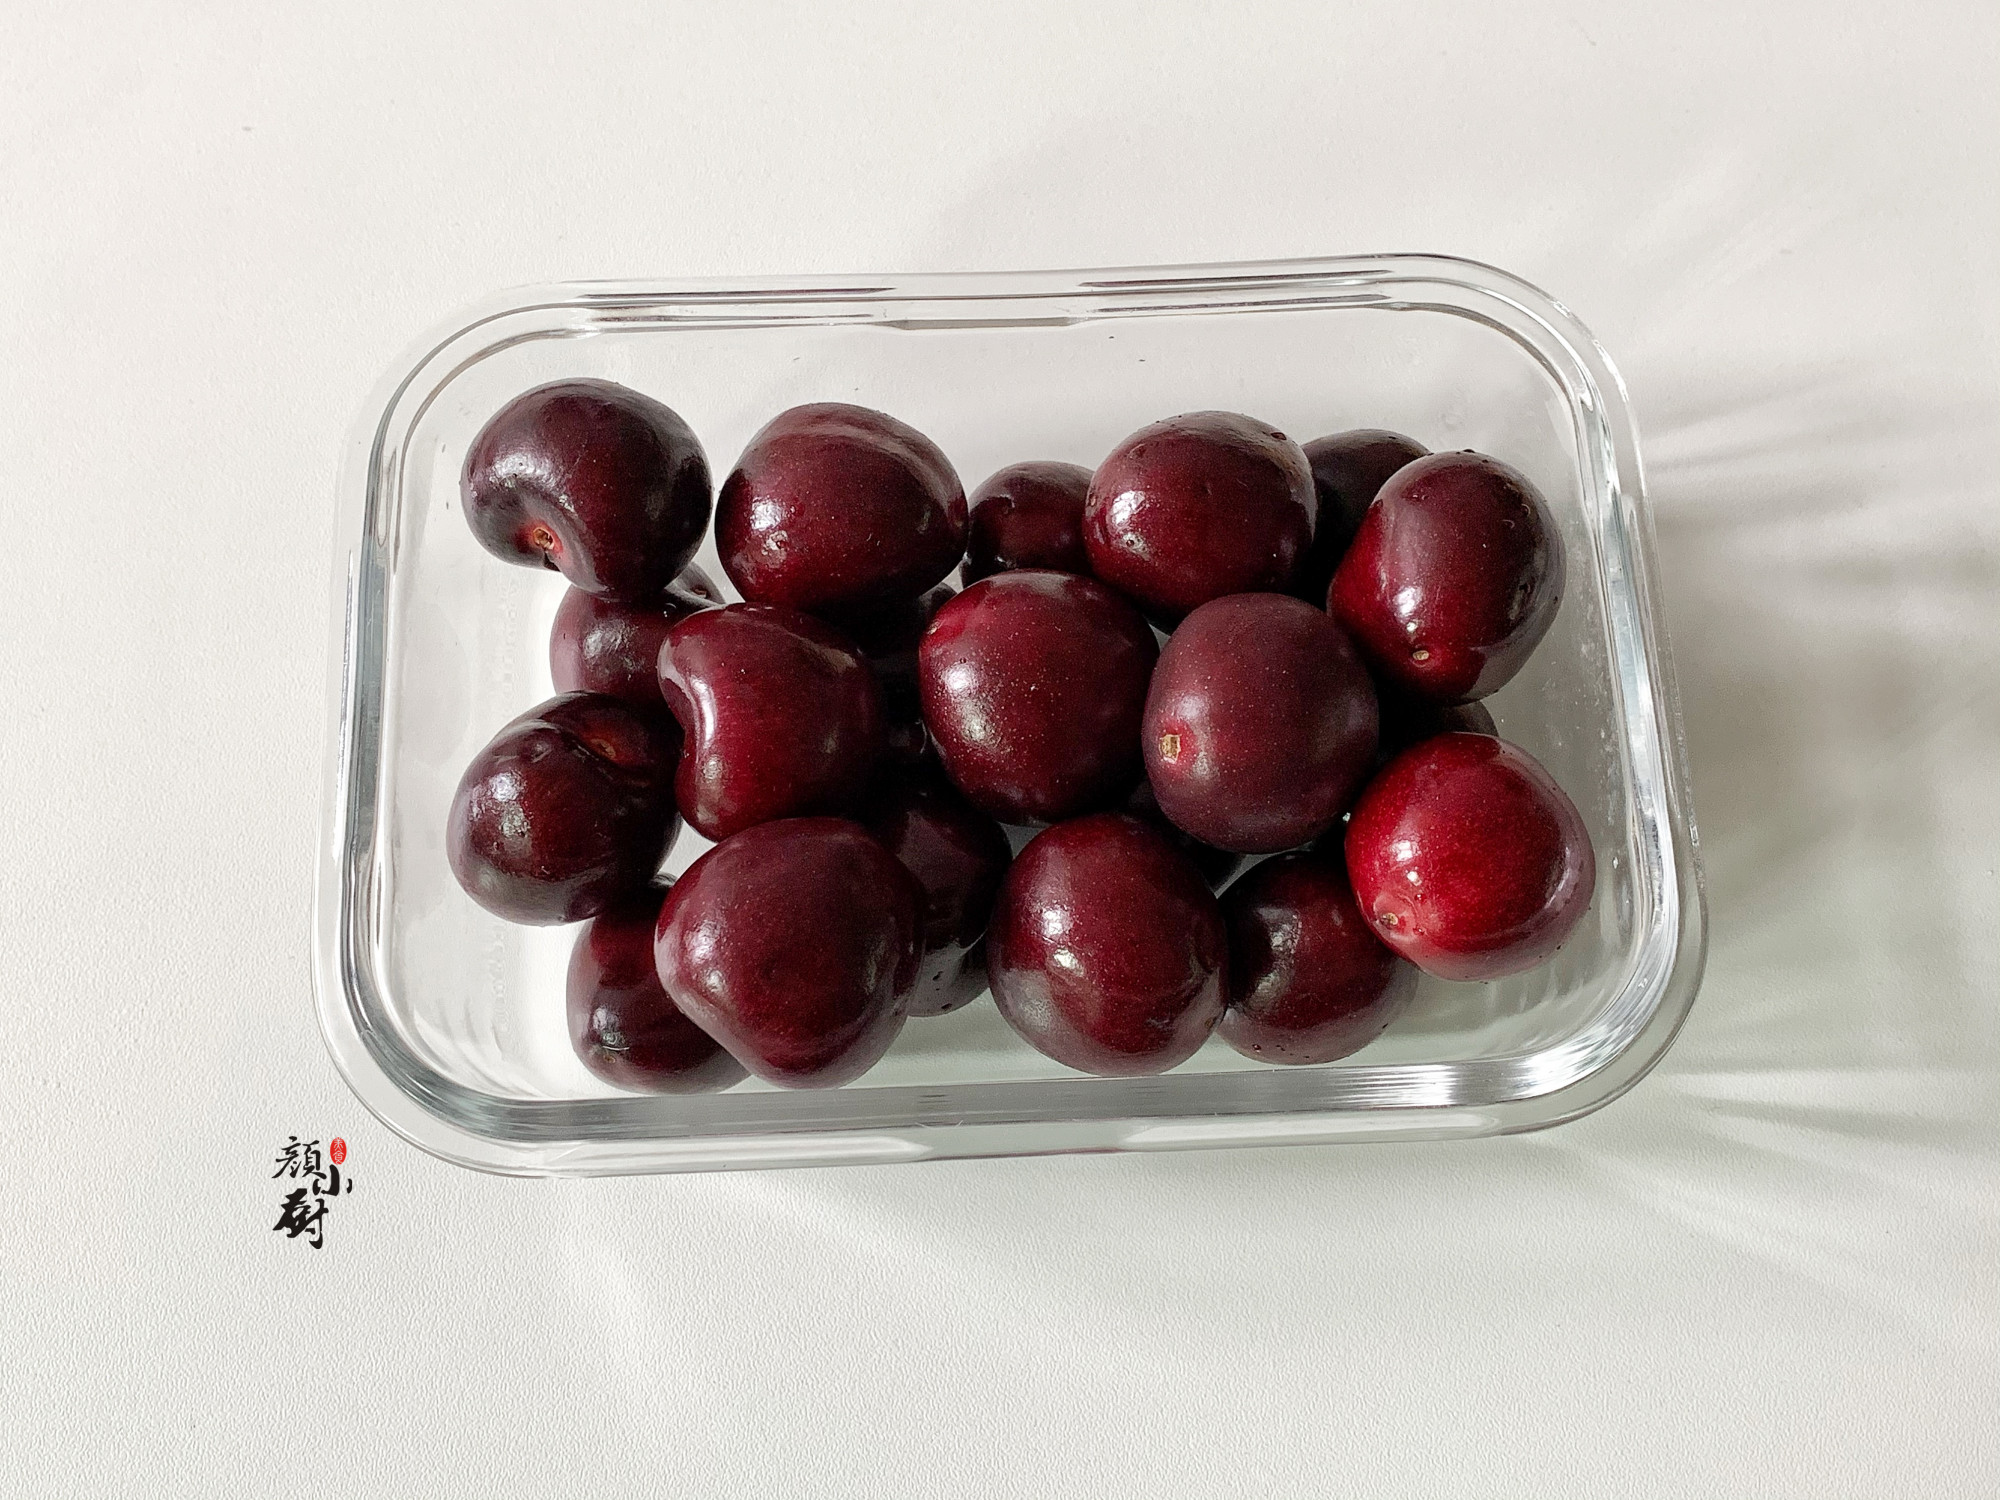 4月,遇到这碱性水果别手软,目前正是上市季,营养极高,别错过 美食做法 第6张